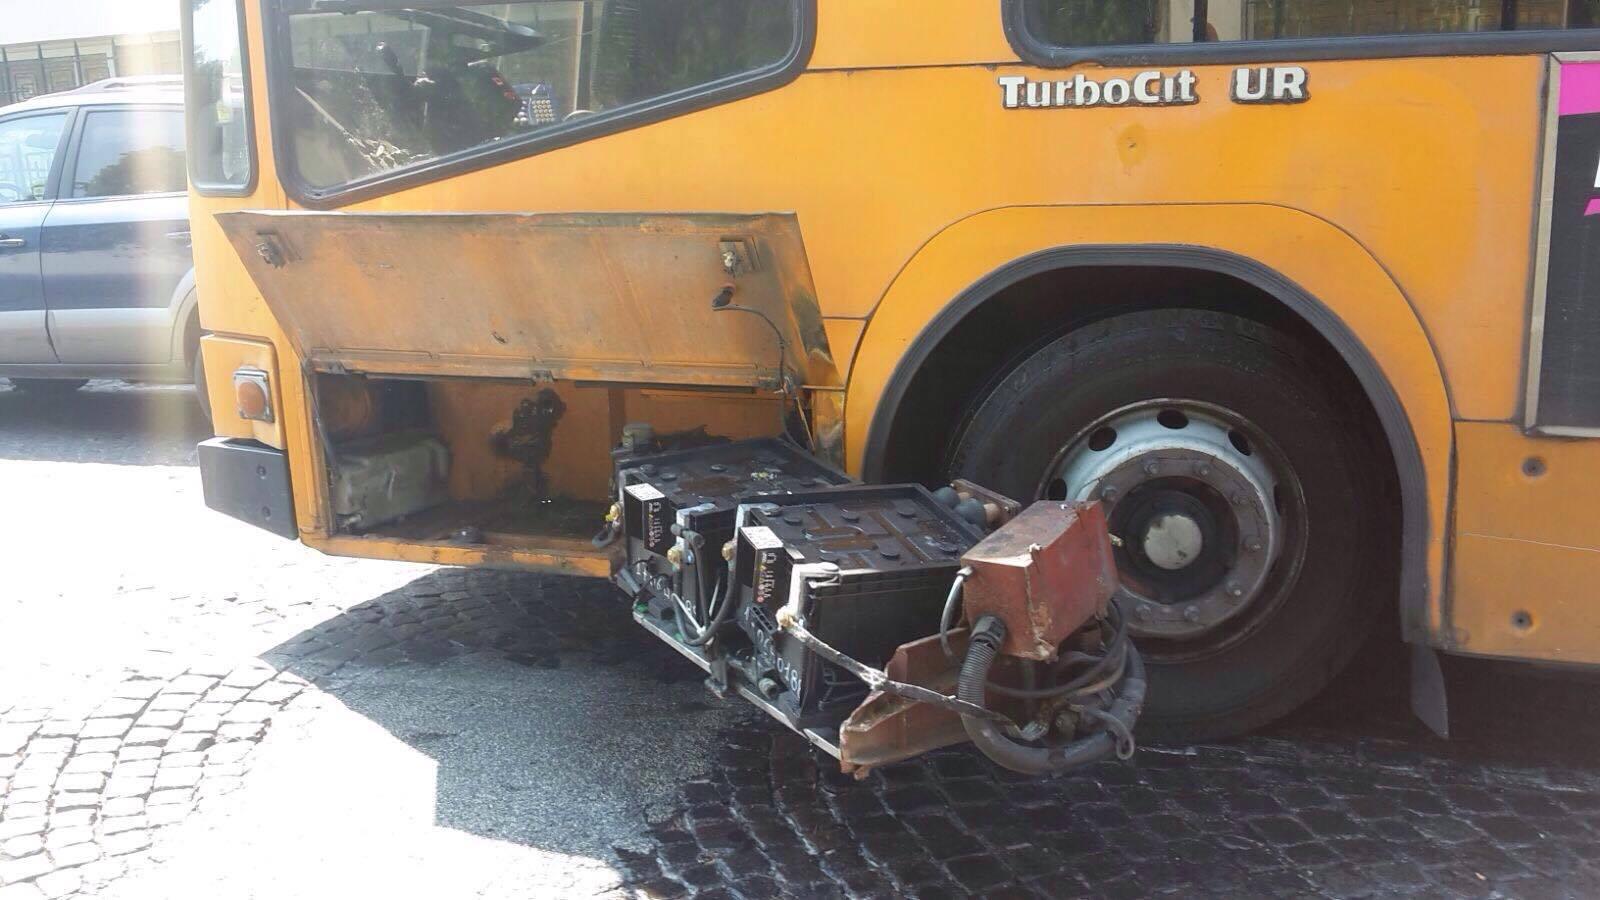 Napoli: I bus-carretta dell'Anm sono un pericolo pubblico, danneggiato un pullman turistico